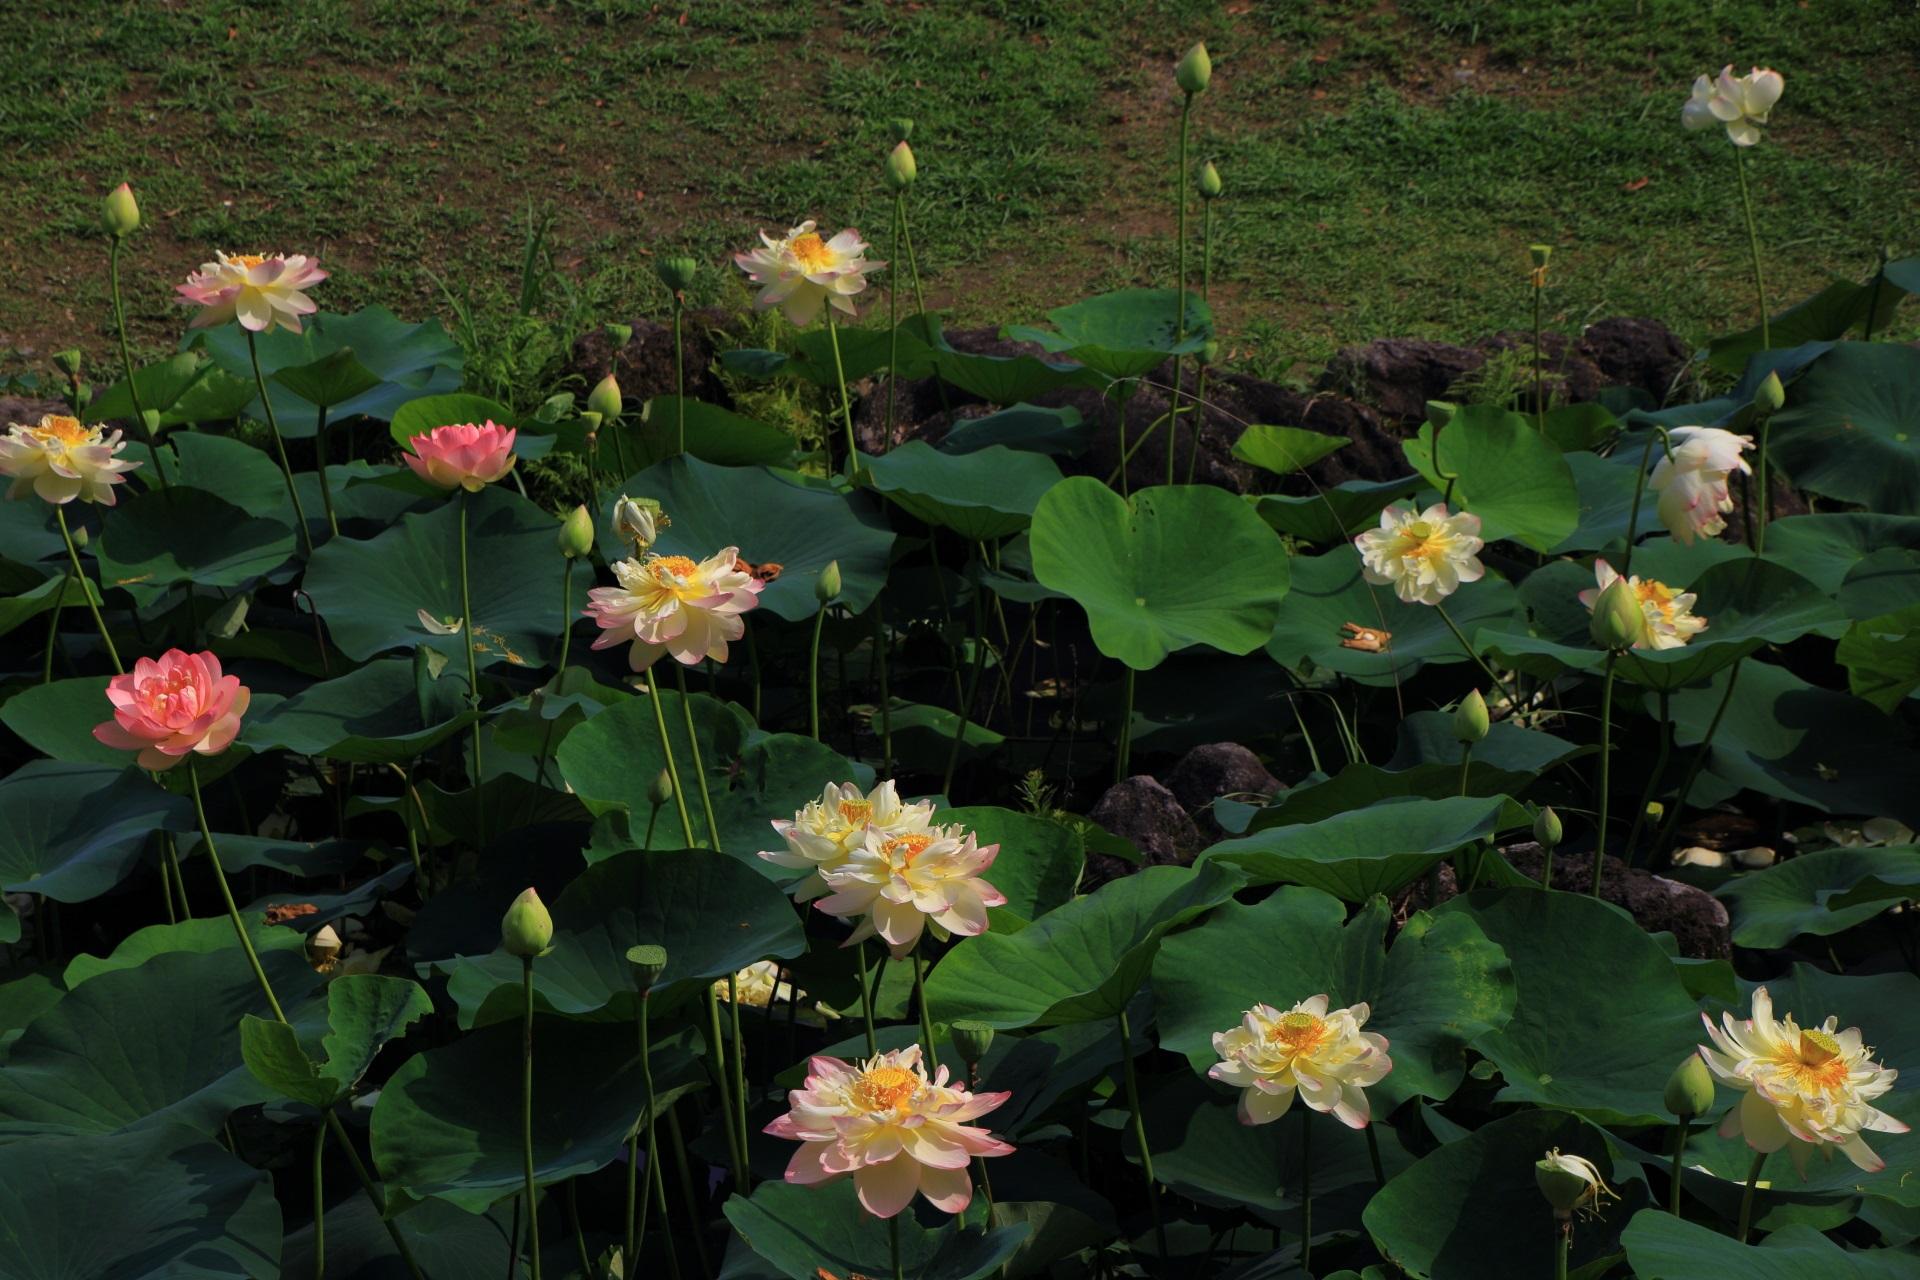 智積院の素晴らしい蓮の花と初夏の情景